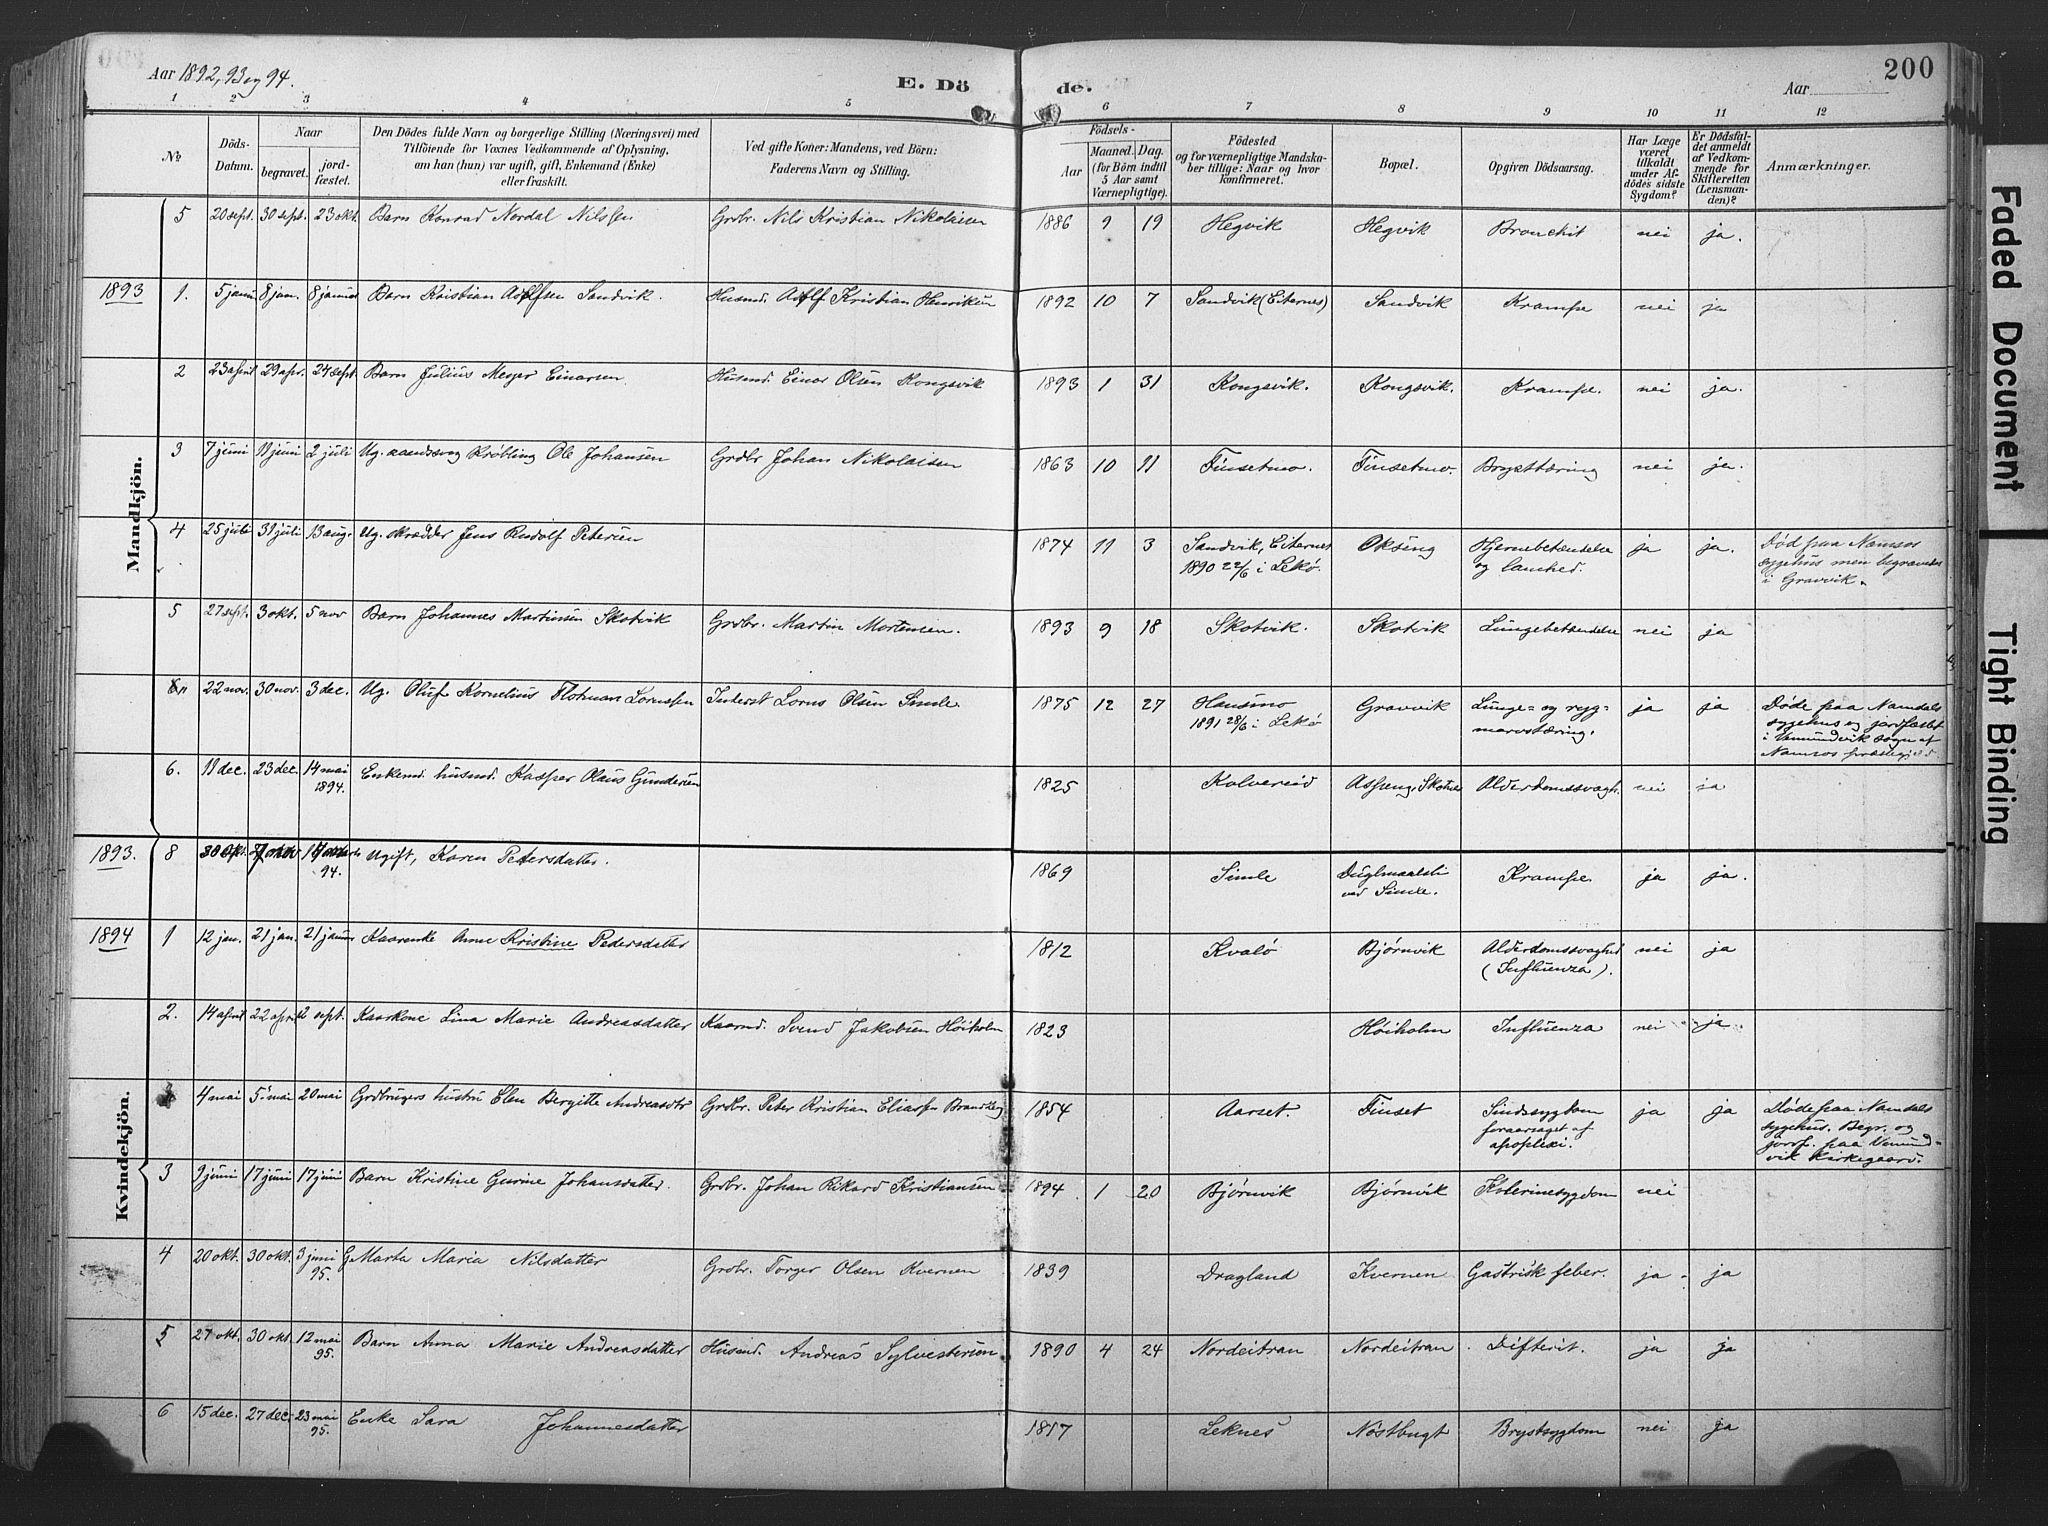 SAT, Ministerialprotokoller, klokkerbøker og fødselsregistre - Nord-Trøndelag, 789/L0706: Klokkerbok nr. 789C01, 1888-1931, s. 200